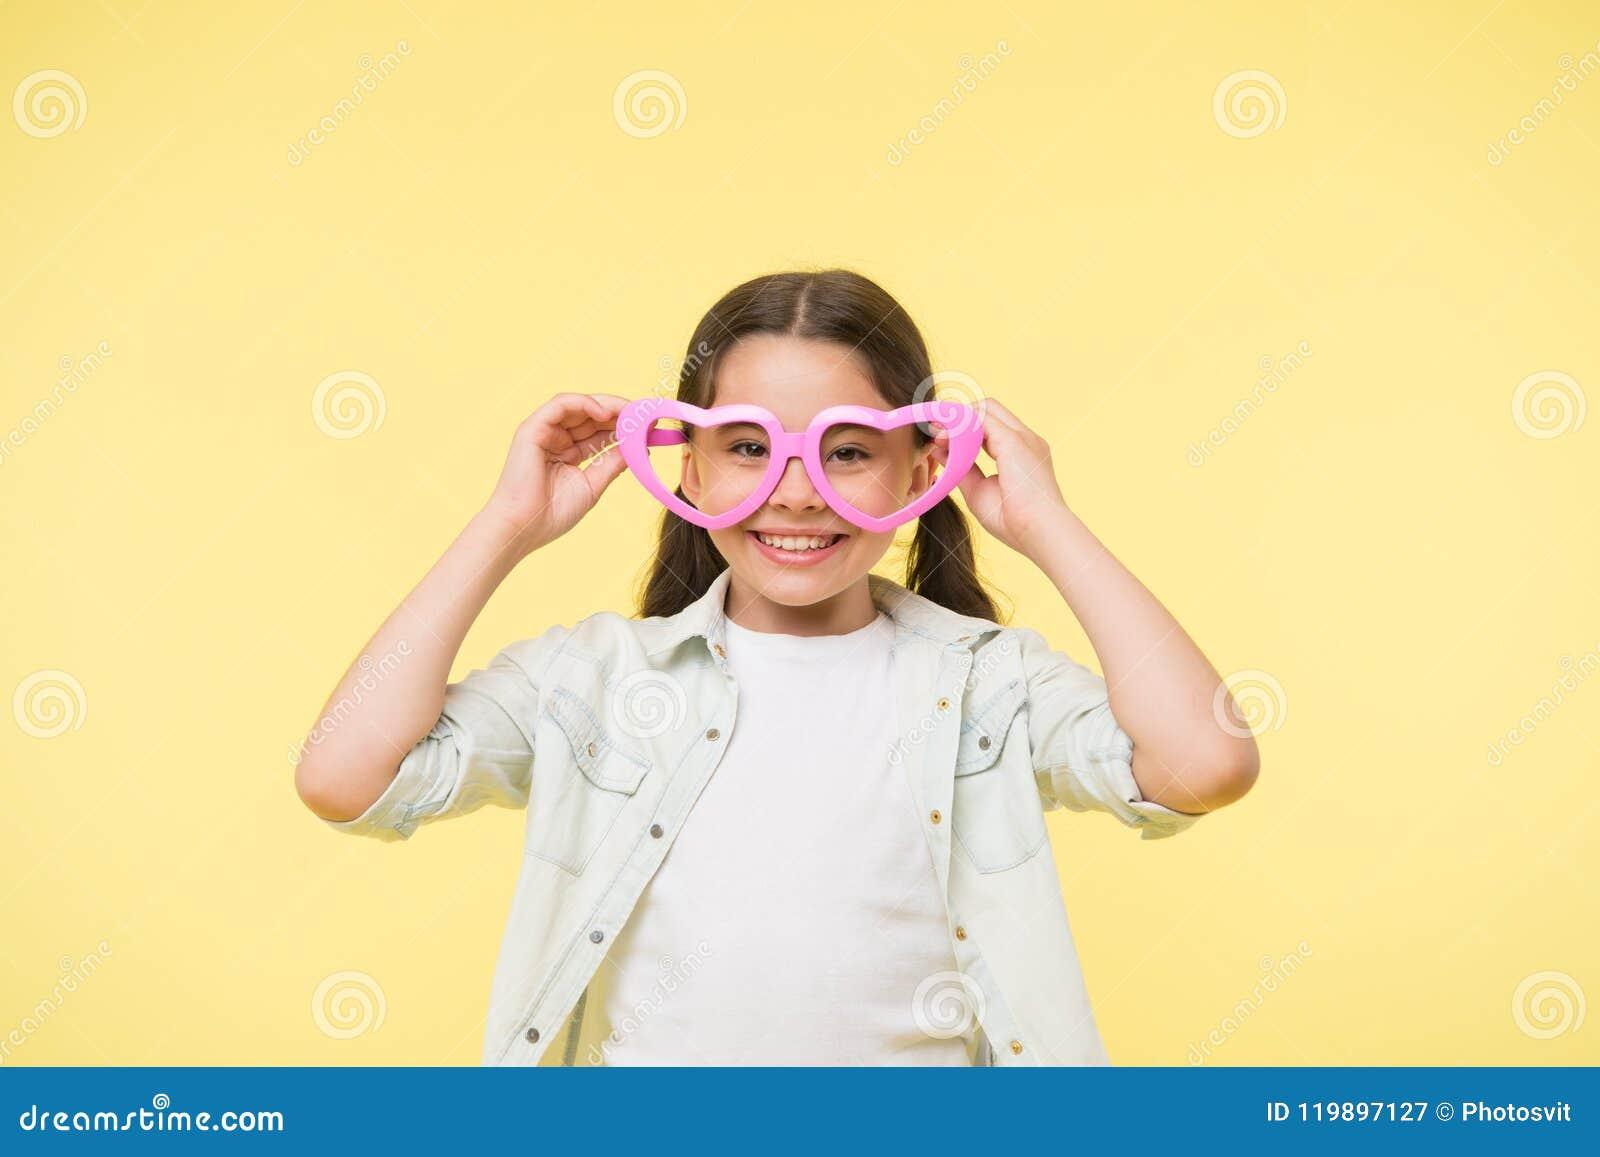 O coração feliz do desgaste da criança deu forma a vidros no fundo amarelo Sorriso da menina no acessório de forma Olhar da forma